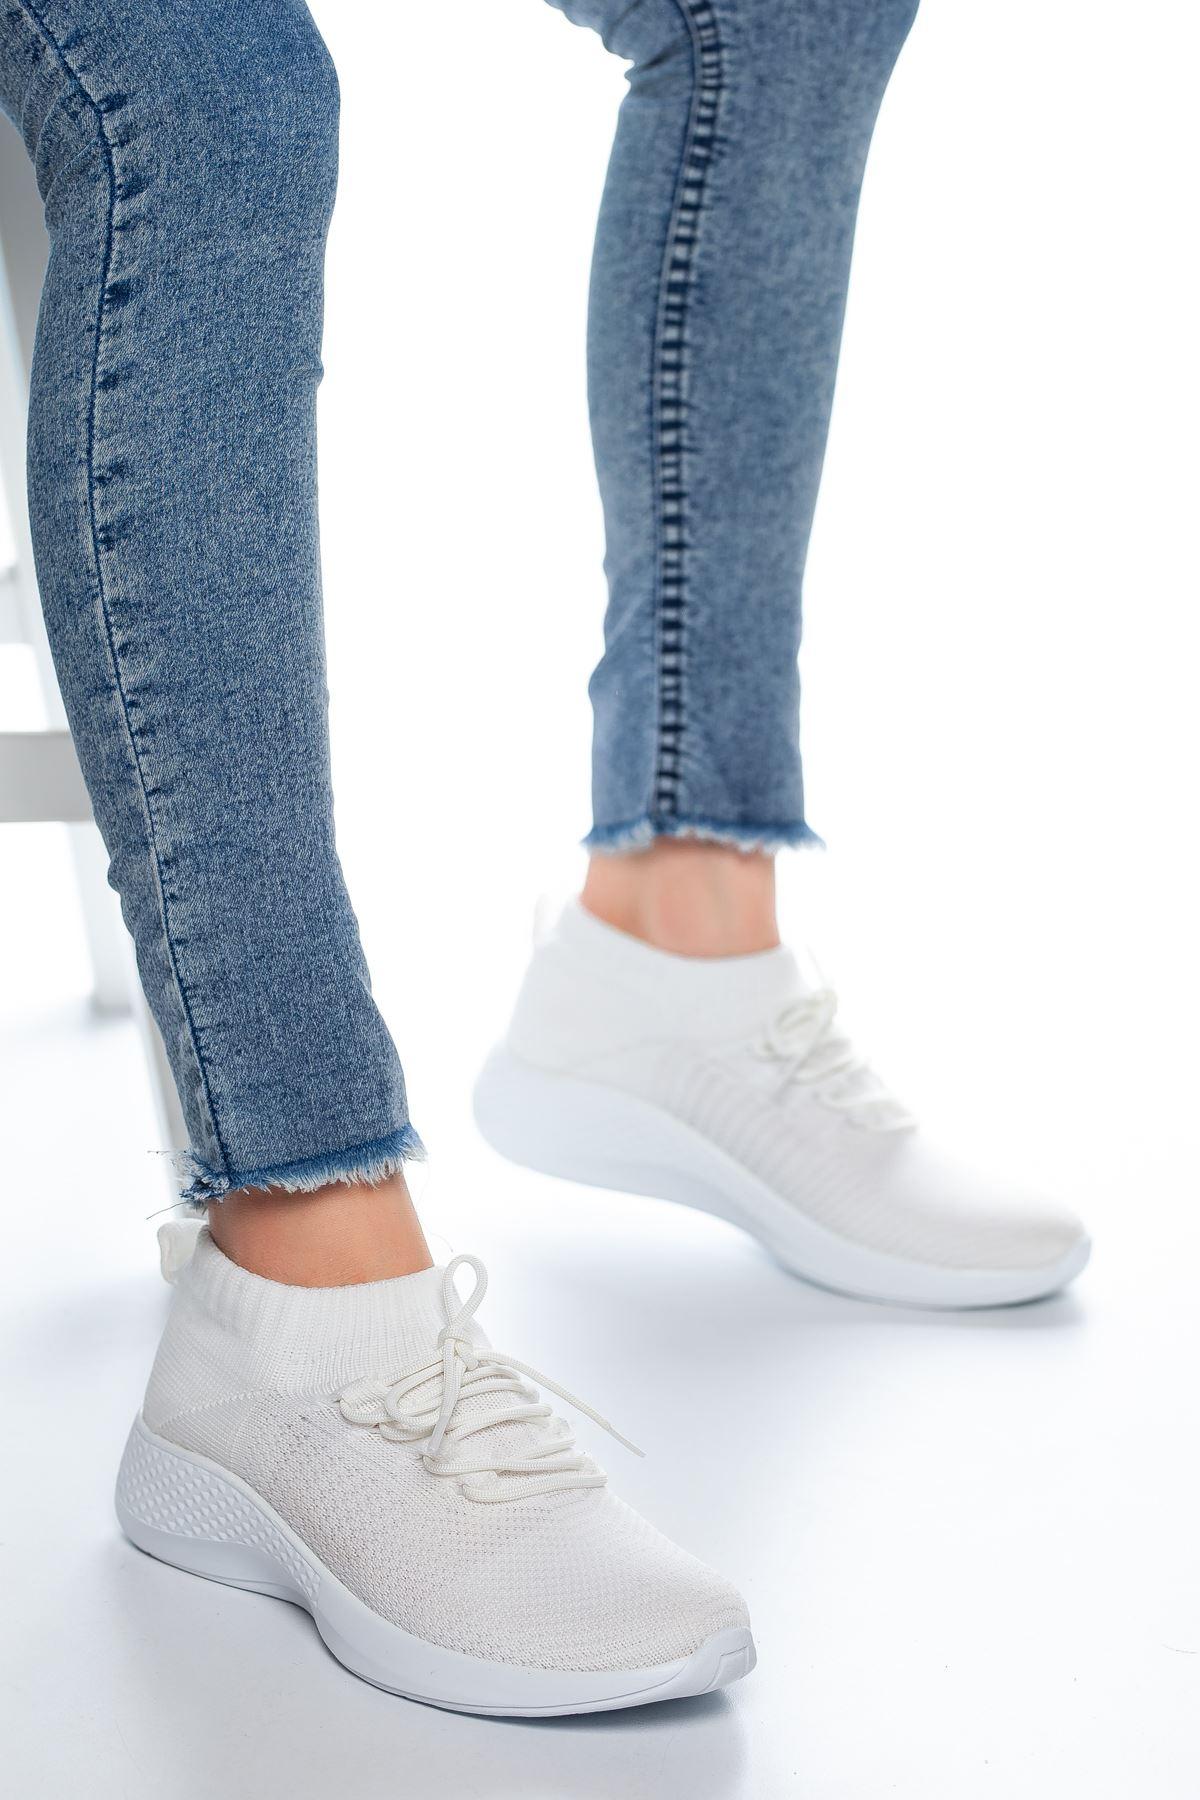 Noya Bağcıklı Çorap Spor Beyaz